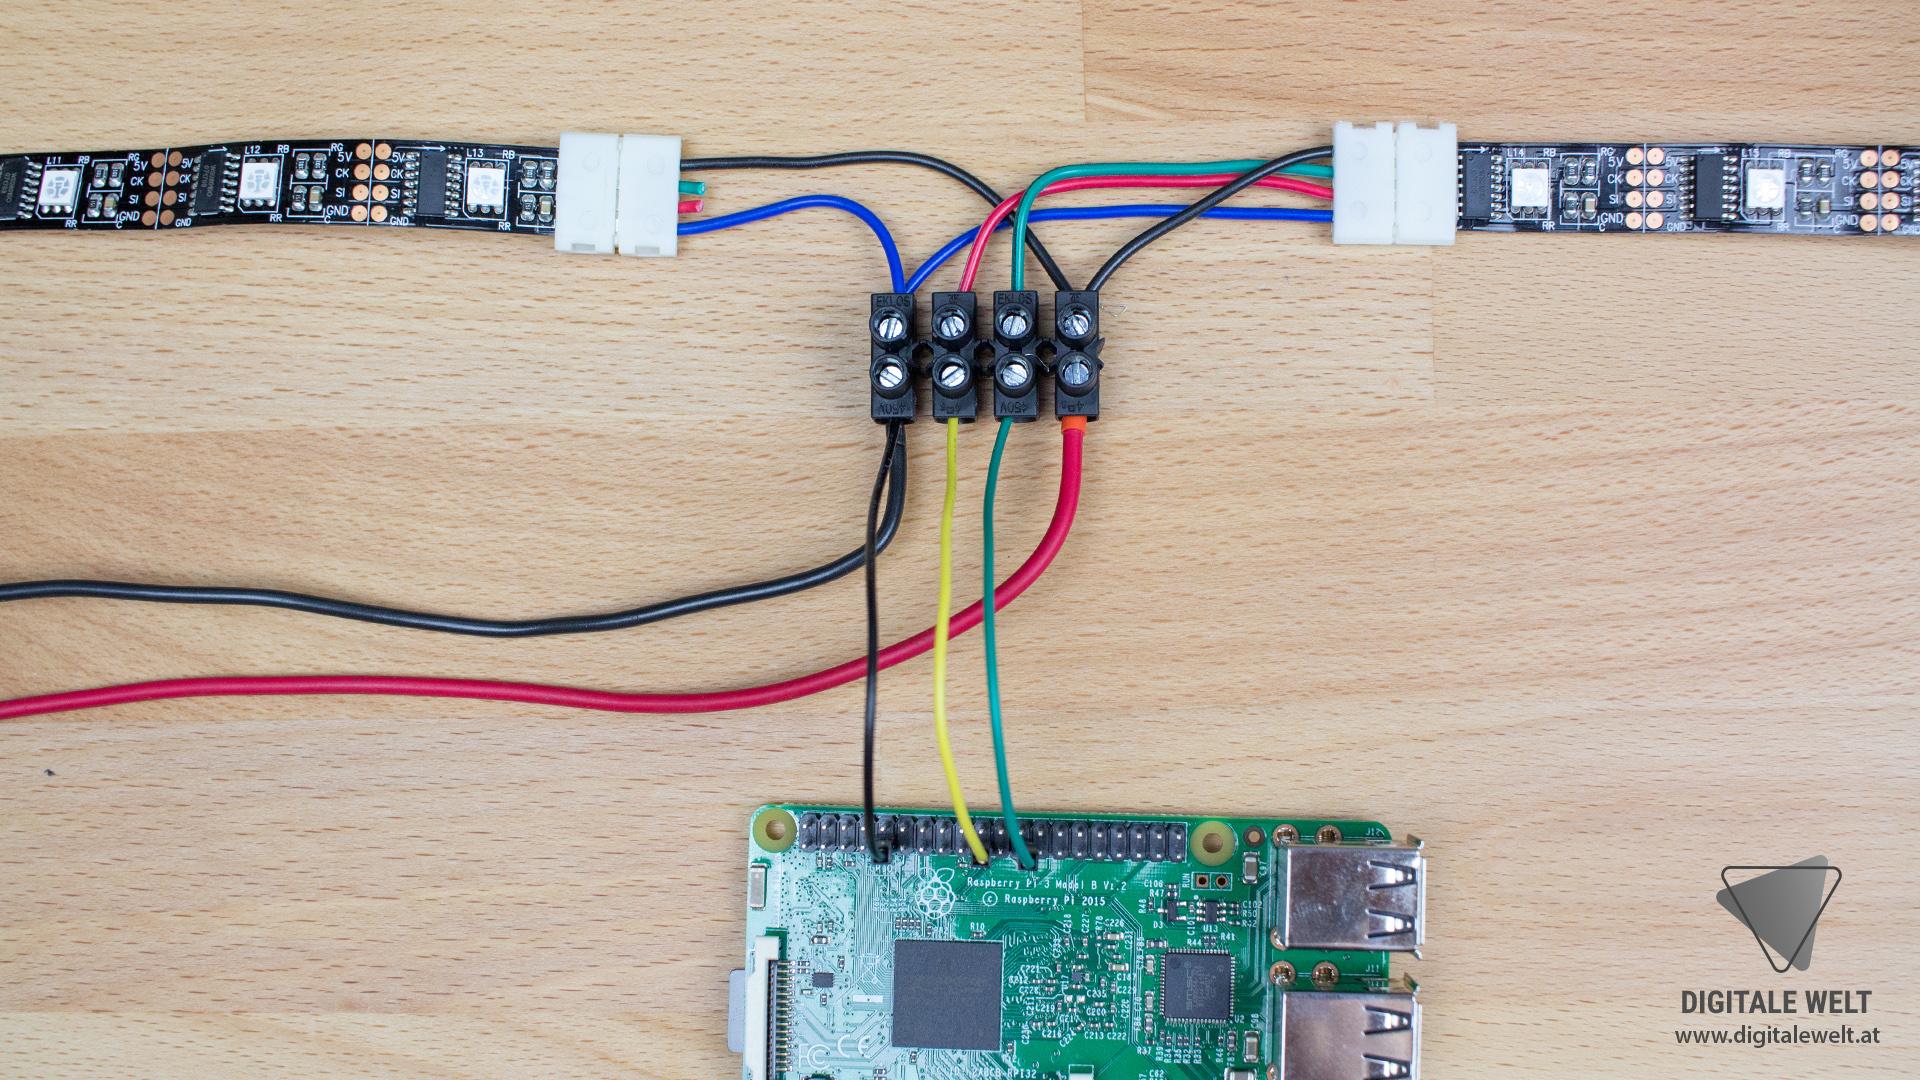 Ambilight ohne Löten - LED Streifen und Netzteil OHNE LÖTEN (DigitaleWelt)